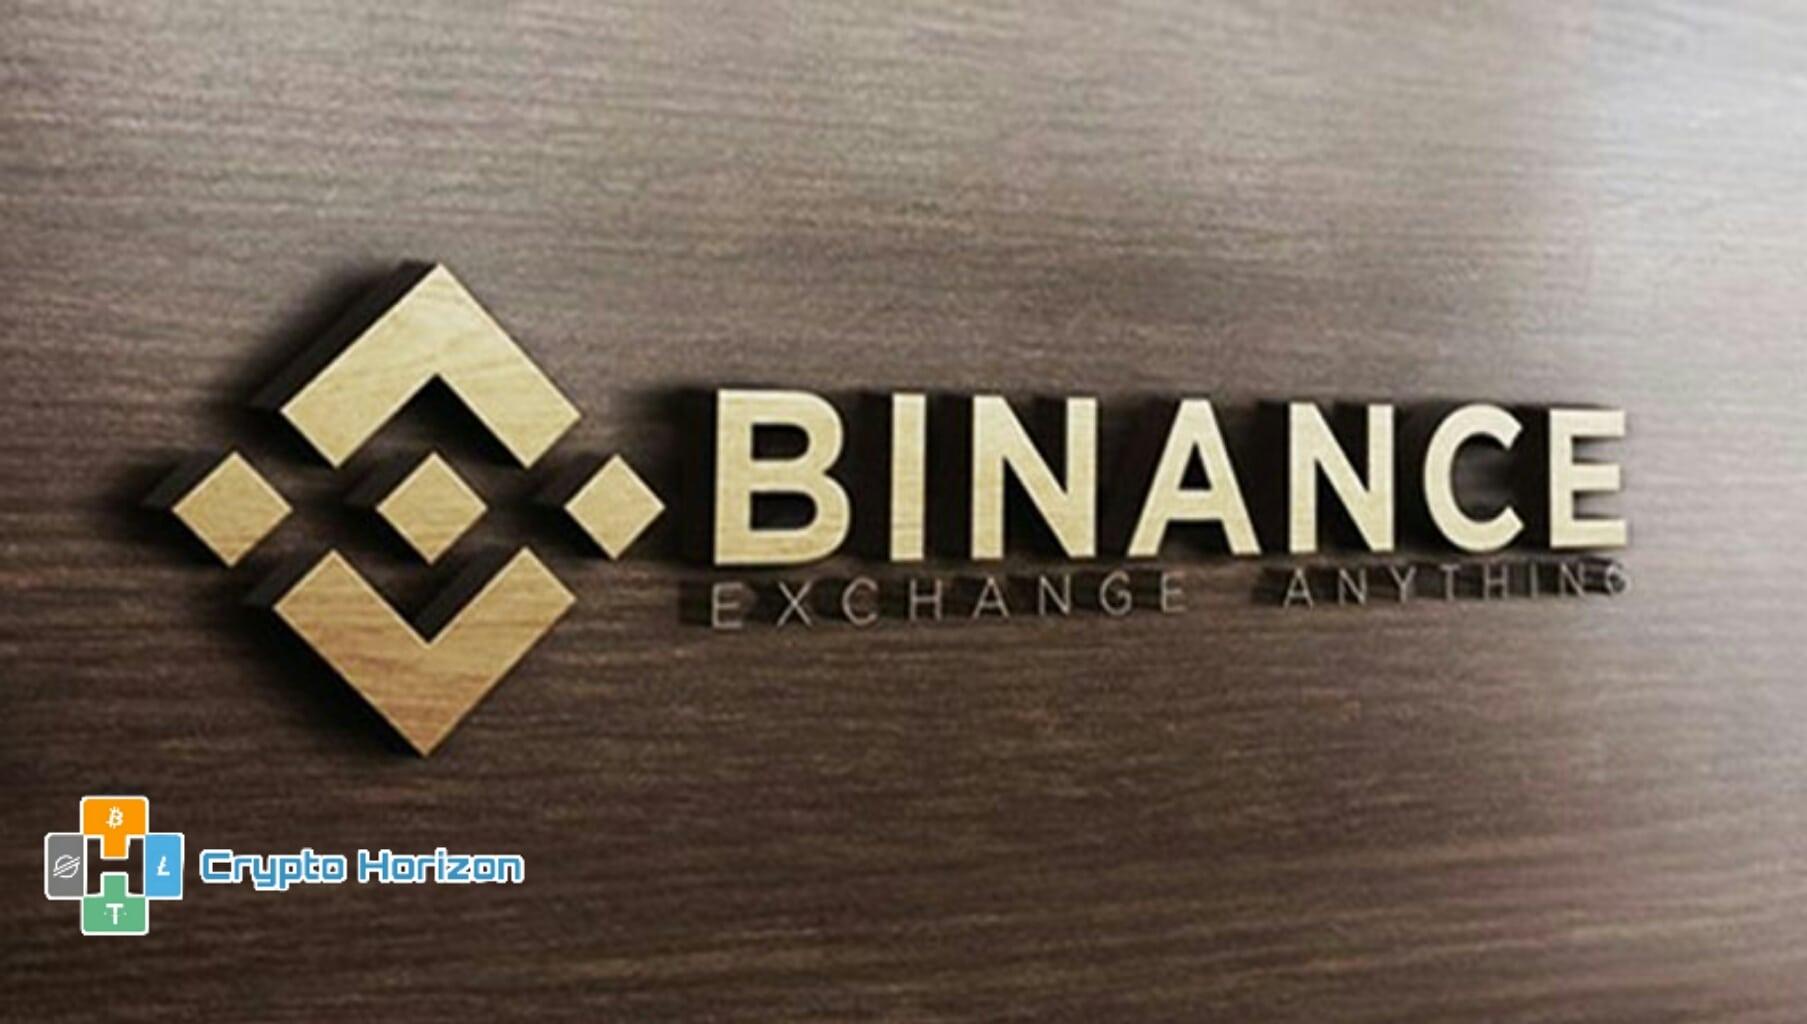 بطاقة هدايا Binance سارية المفعول